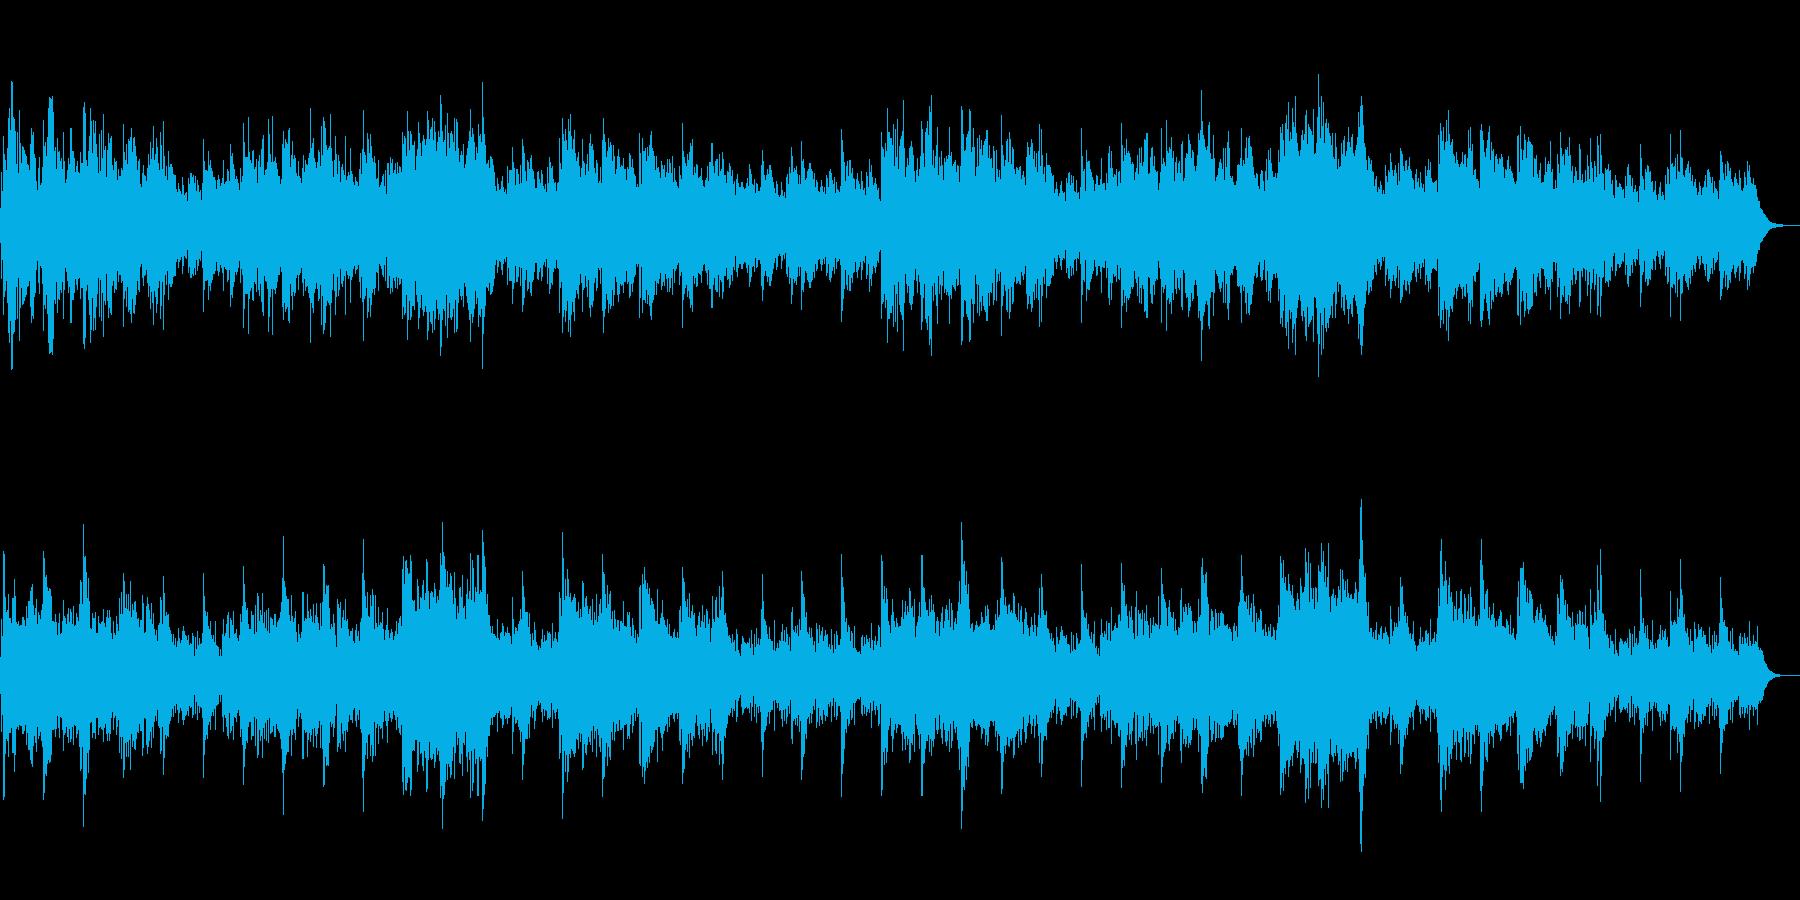 神聖なシーンや場所でのBGMの再生済みの波形